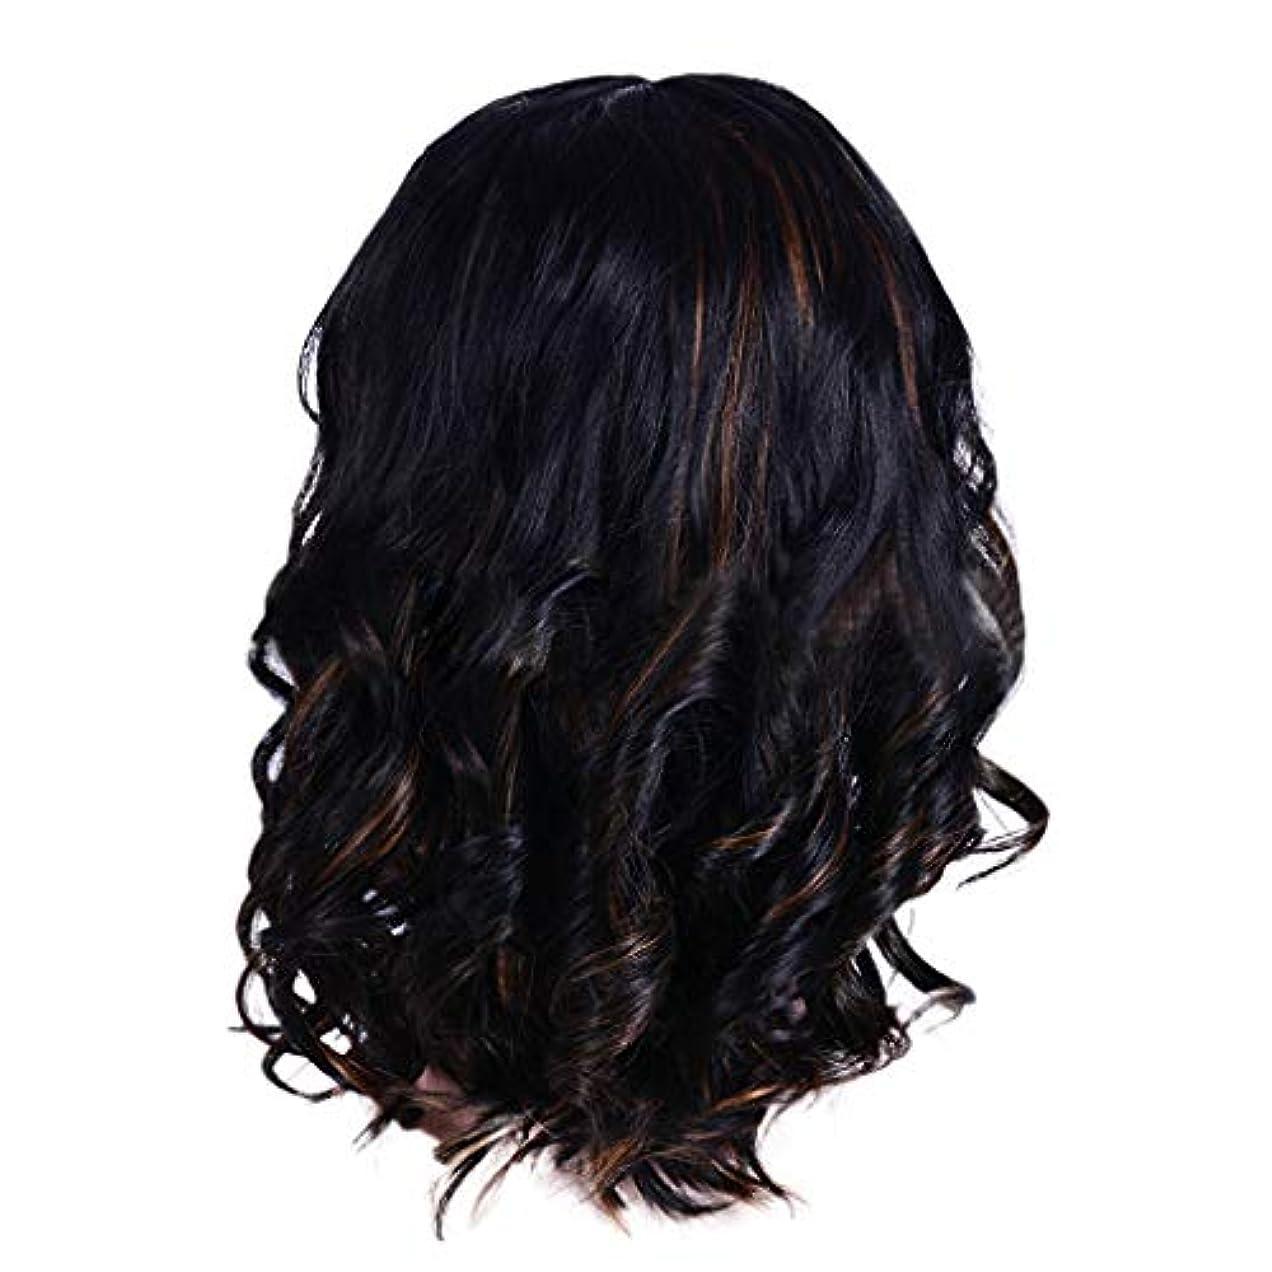 十分反射フルートウィッグの女性の短い巻き毛の黒ボブエレガントなファッションウィッグ